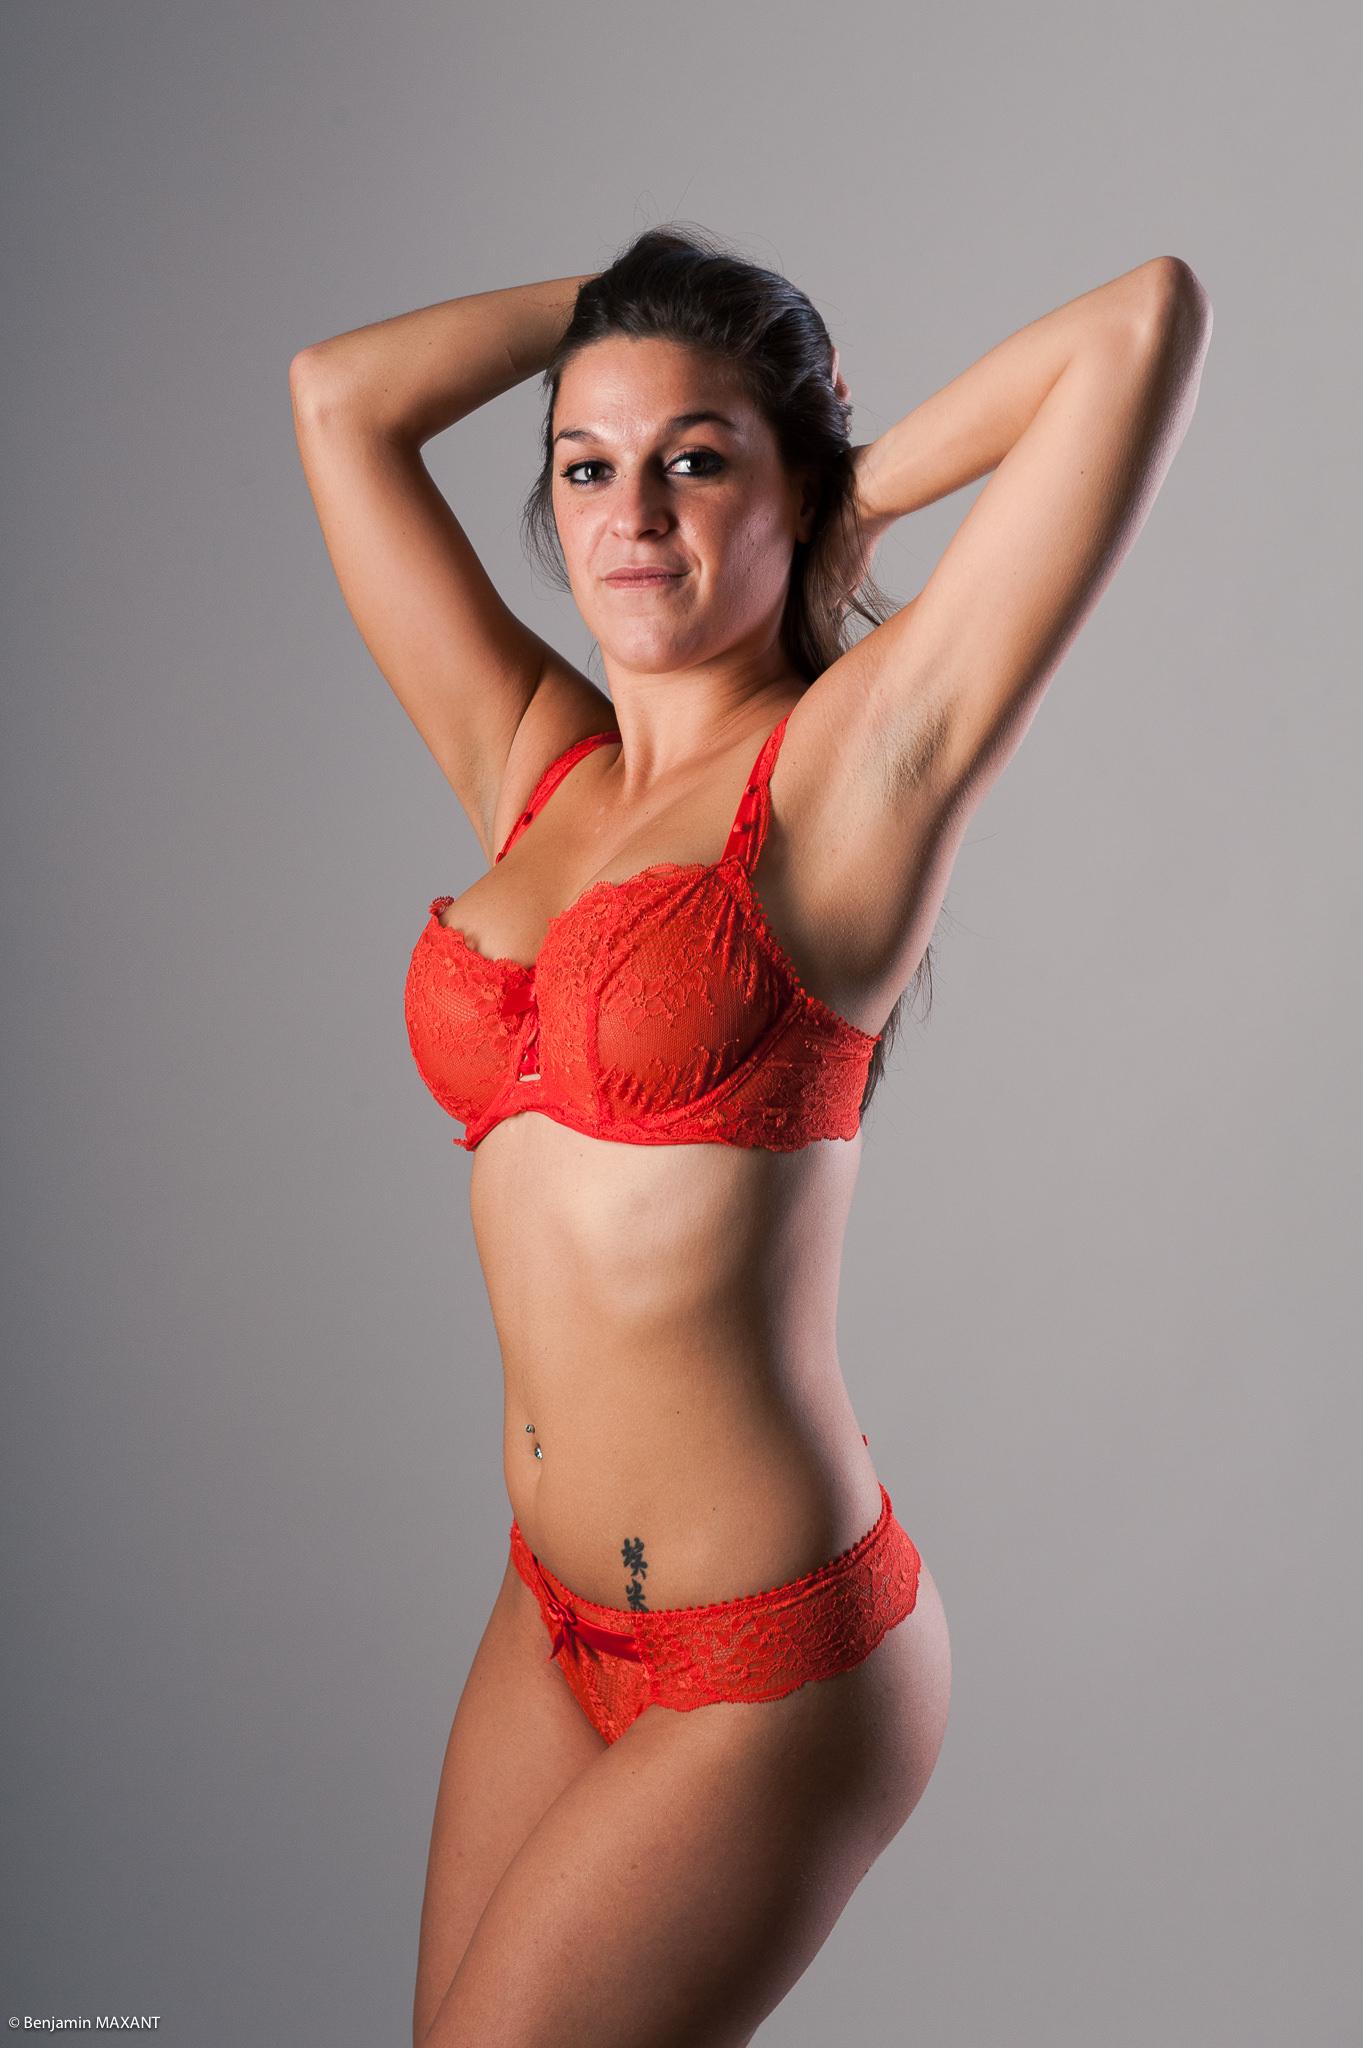 Séance photo lingerie en studio de type Aubade avec un ensemble lingerie rouge